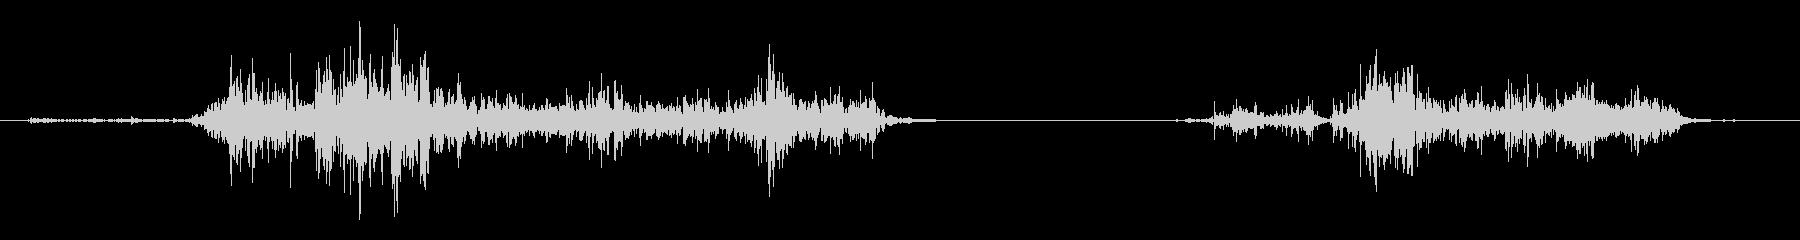 ASMR 紙をビリビリと破る音の未再生の波形